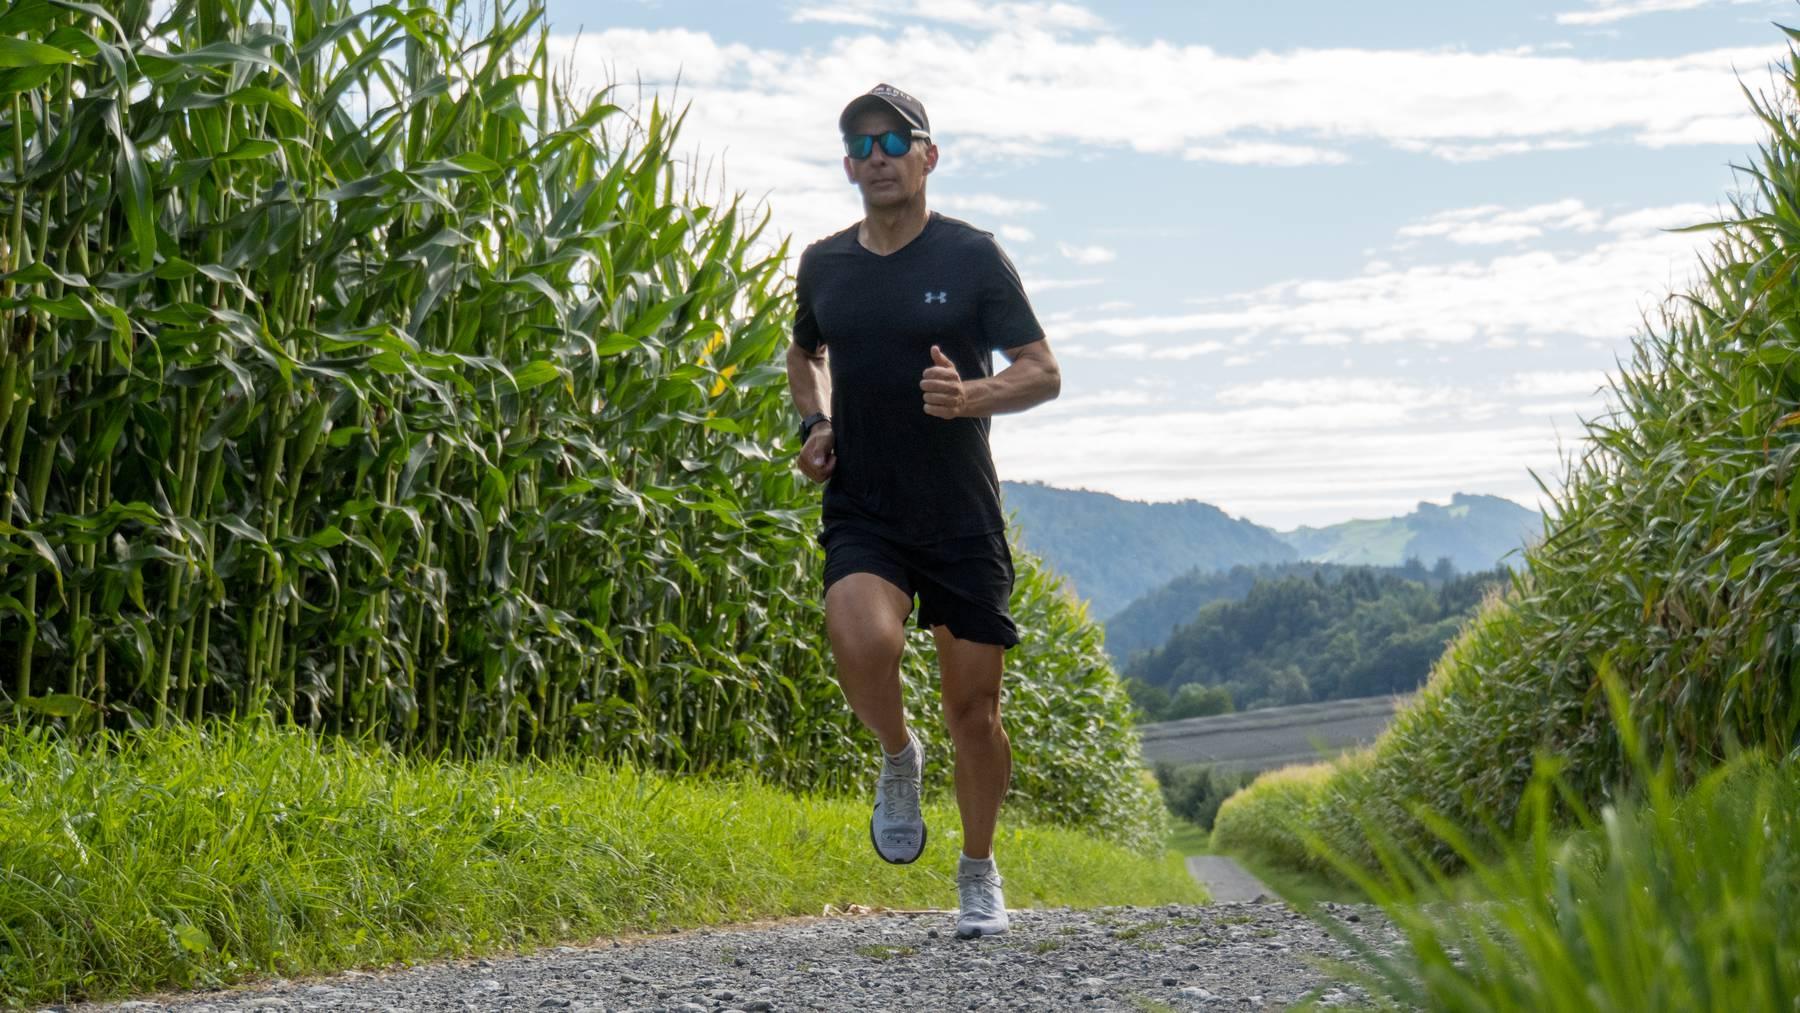 Ironman-Triathlet Mike Schifferle